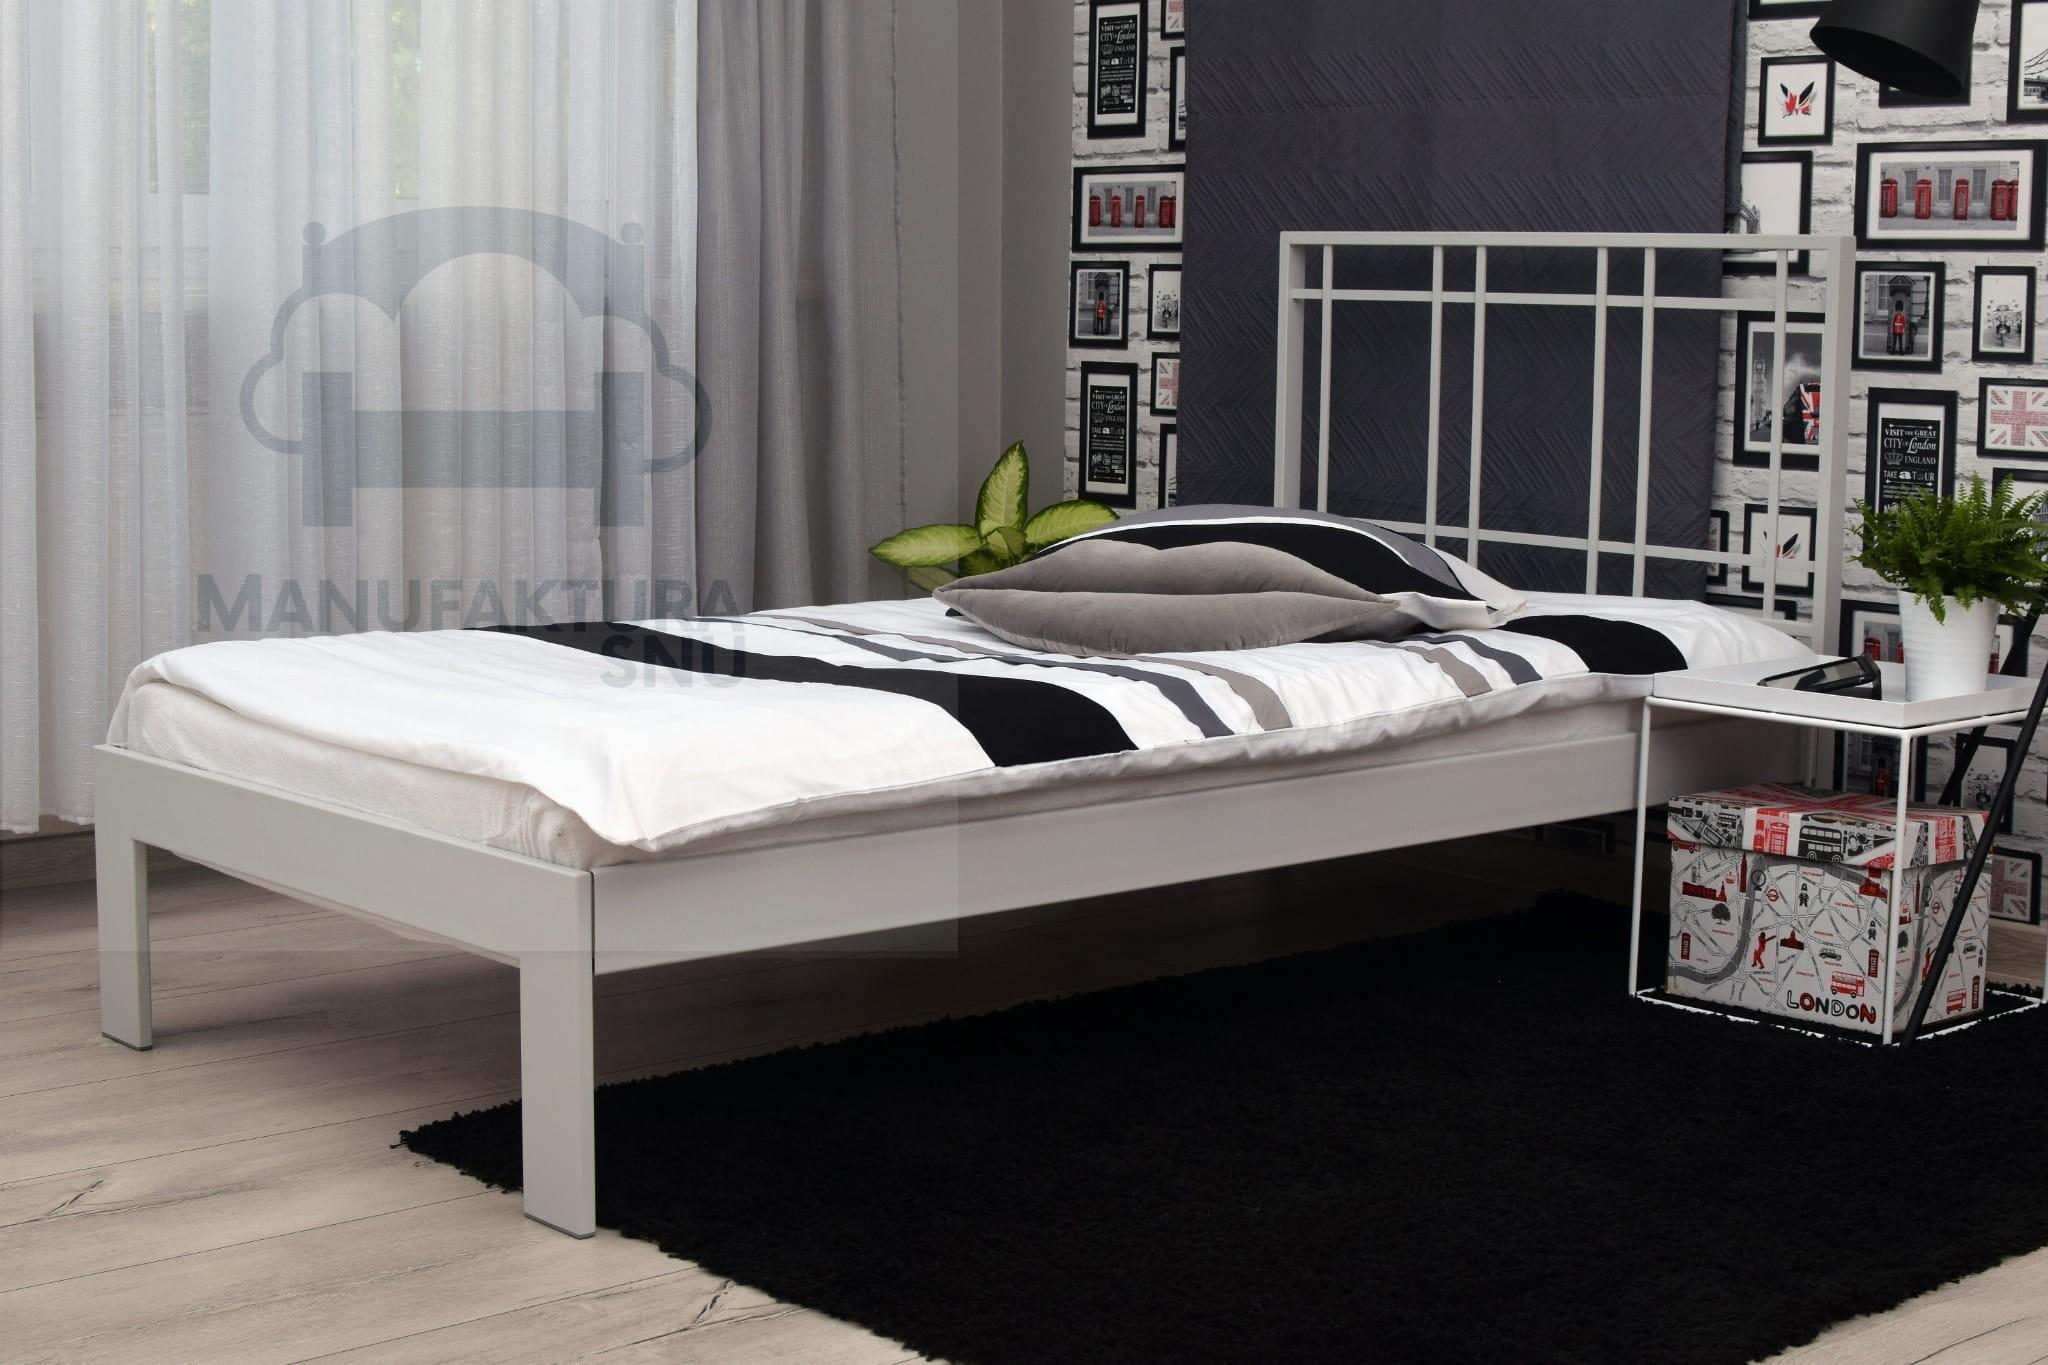 Premium Jednoosobowe łóżko Metalowe W Stylu Industrialnym